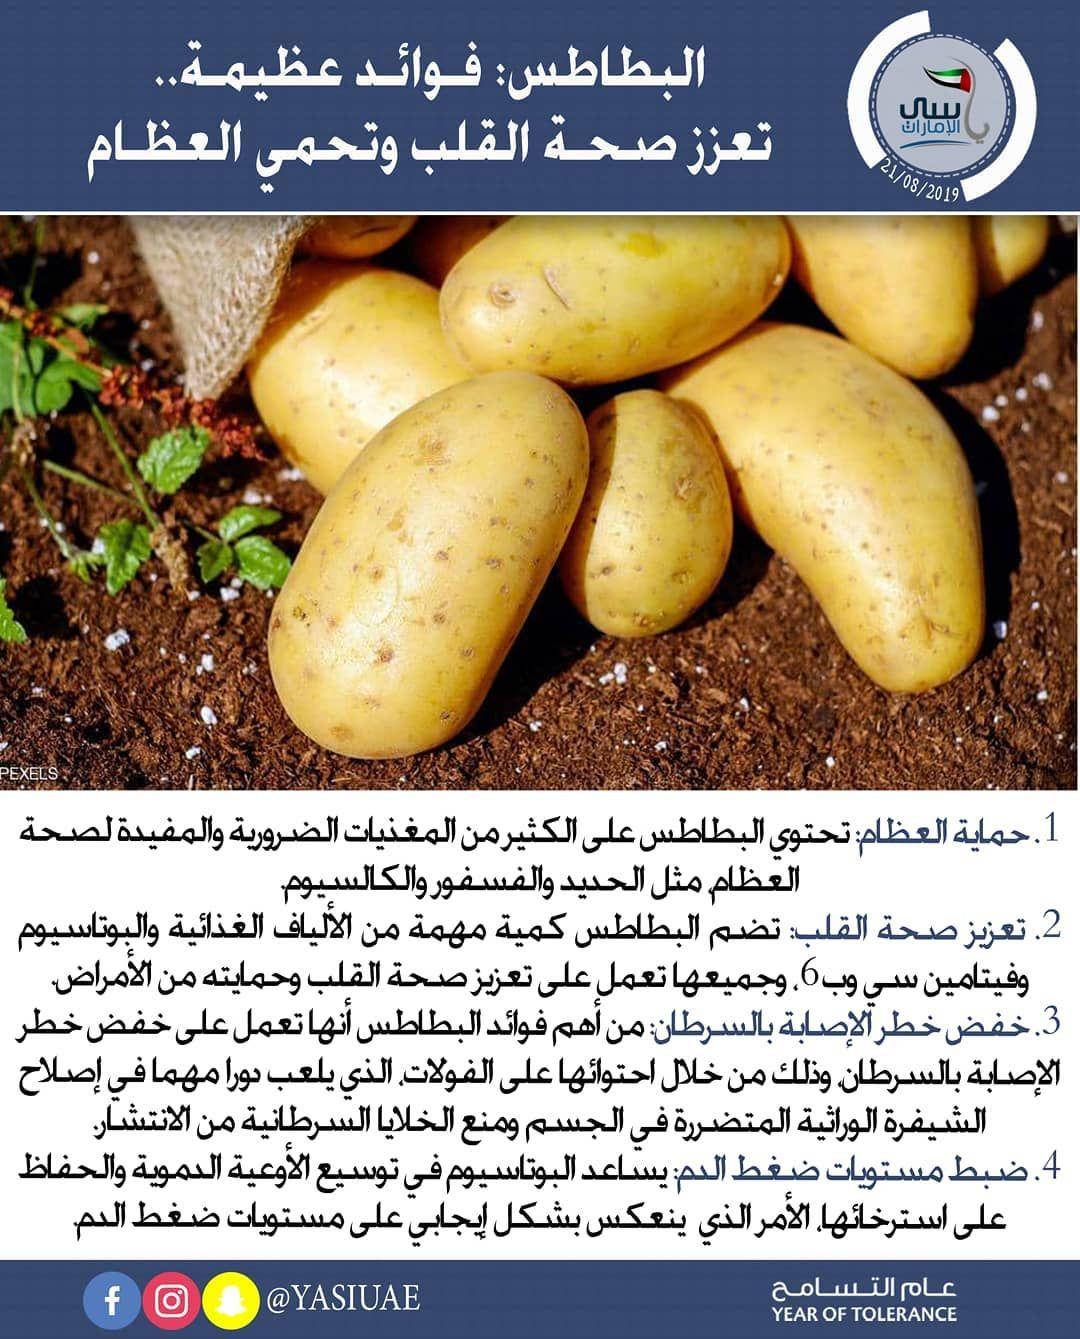 معلومات صحيه فوائد البطاطس ويقول الخبراء إن تناول البطاطس يعود بالعديد من المنافع على صحة الإنسان 1 حماية العظام تحتوي البطاطس Potatoes Vegetables Food